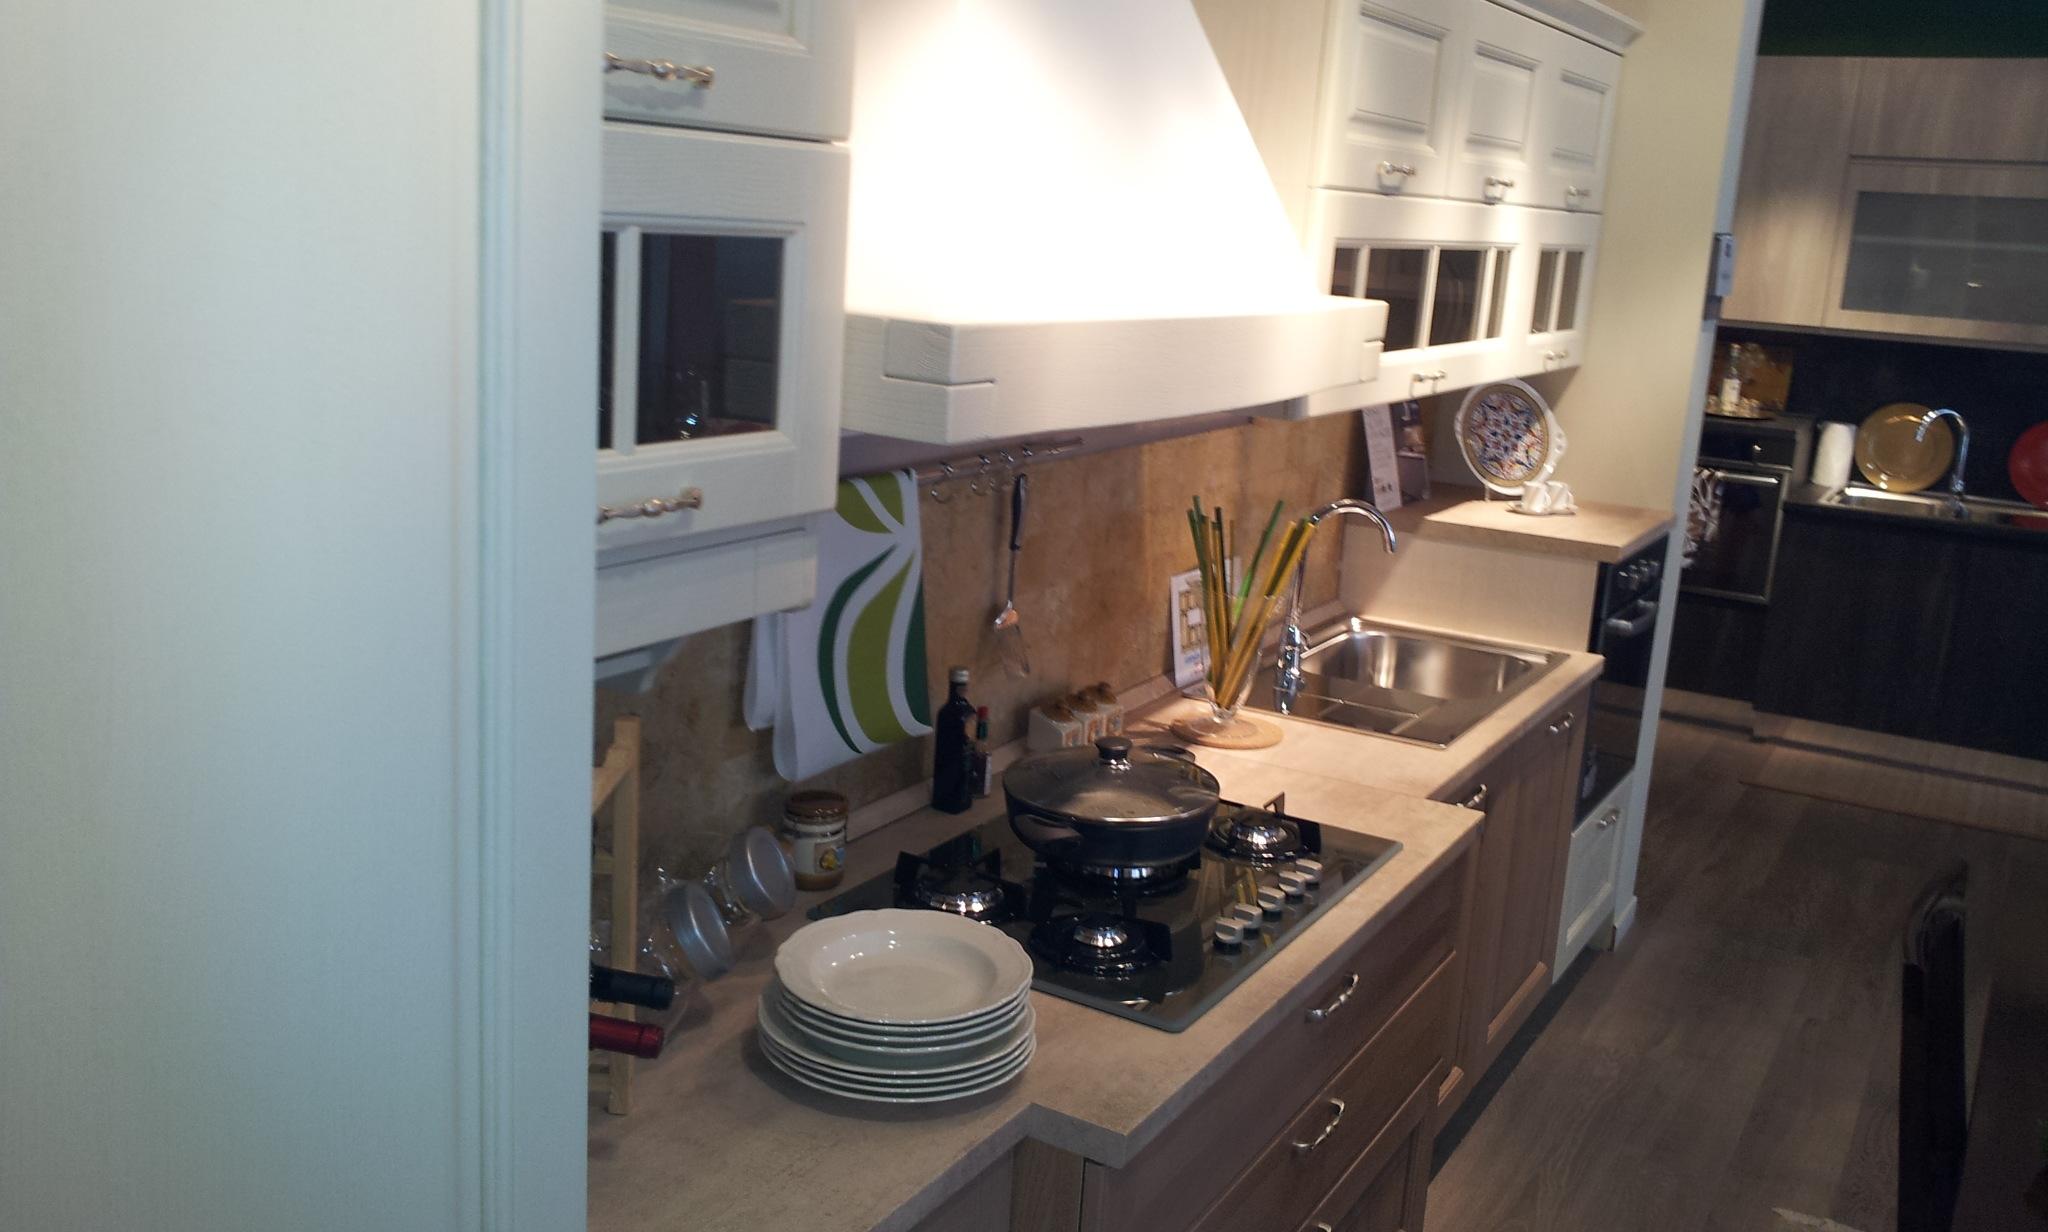 Cucina stosa cucine bolgheri stosa cucine finitura rovere - Cappe cucina leroy merlin ...